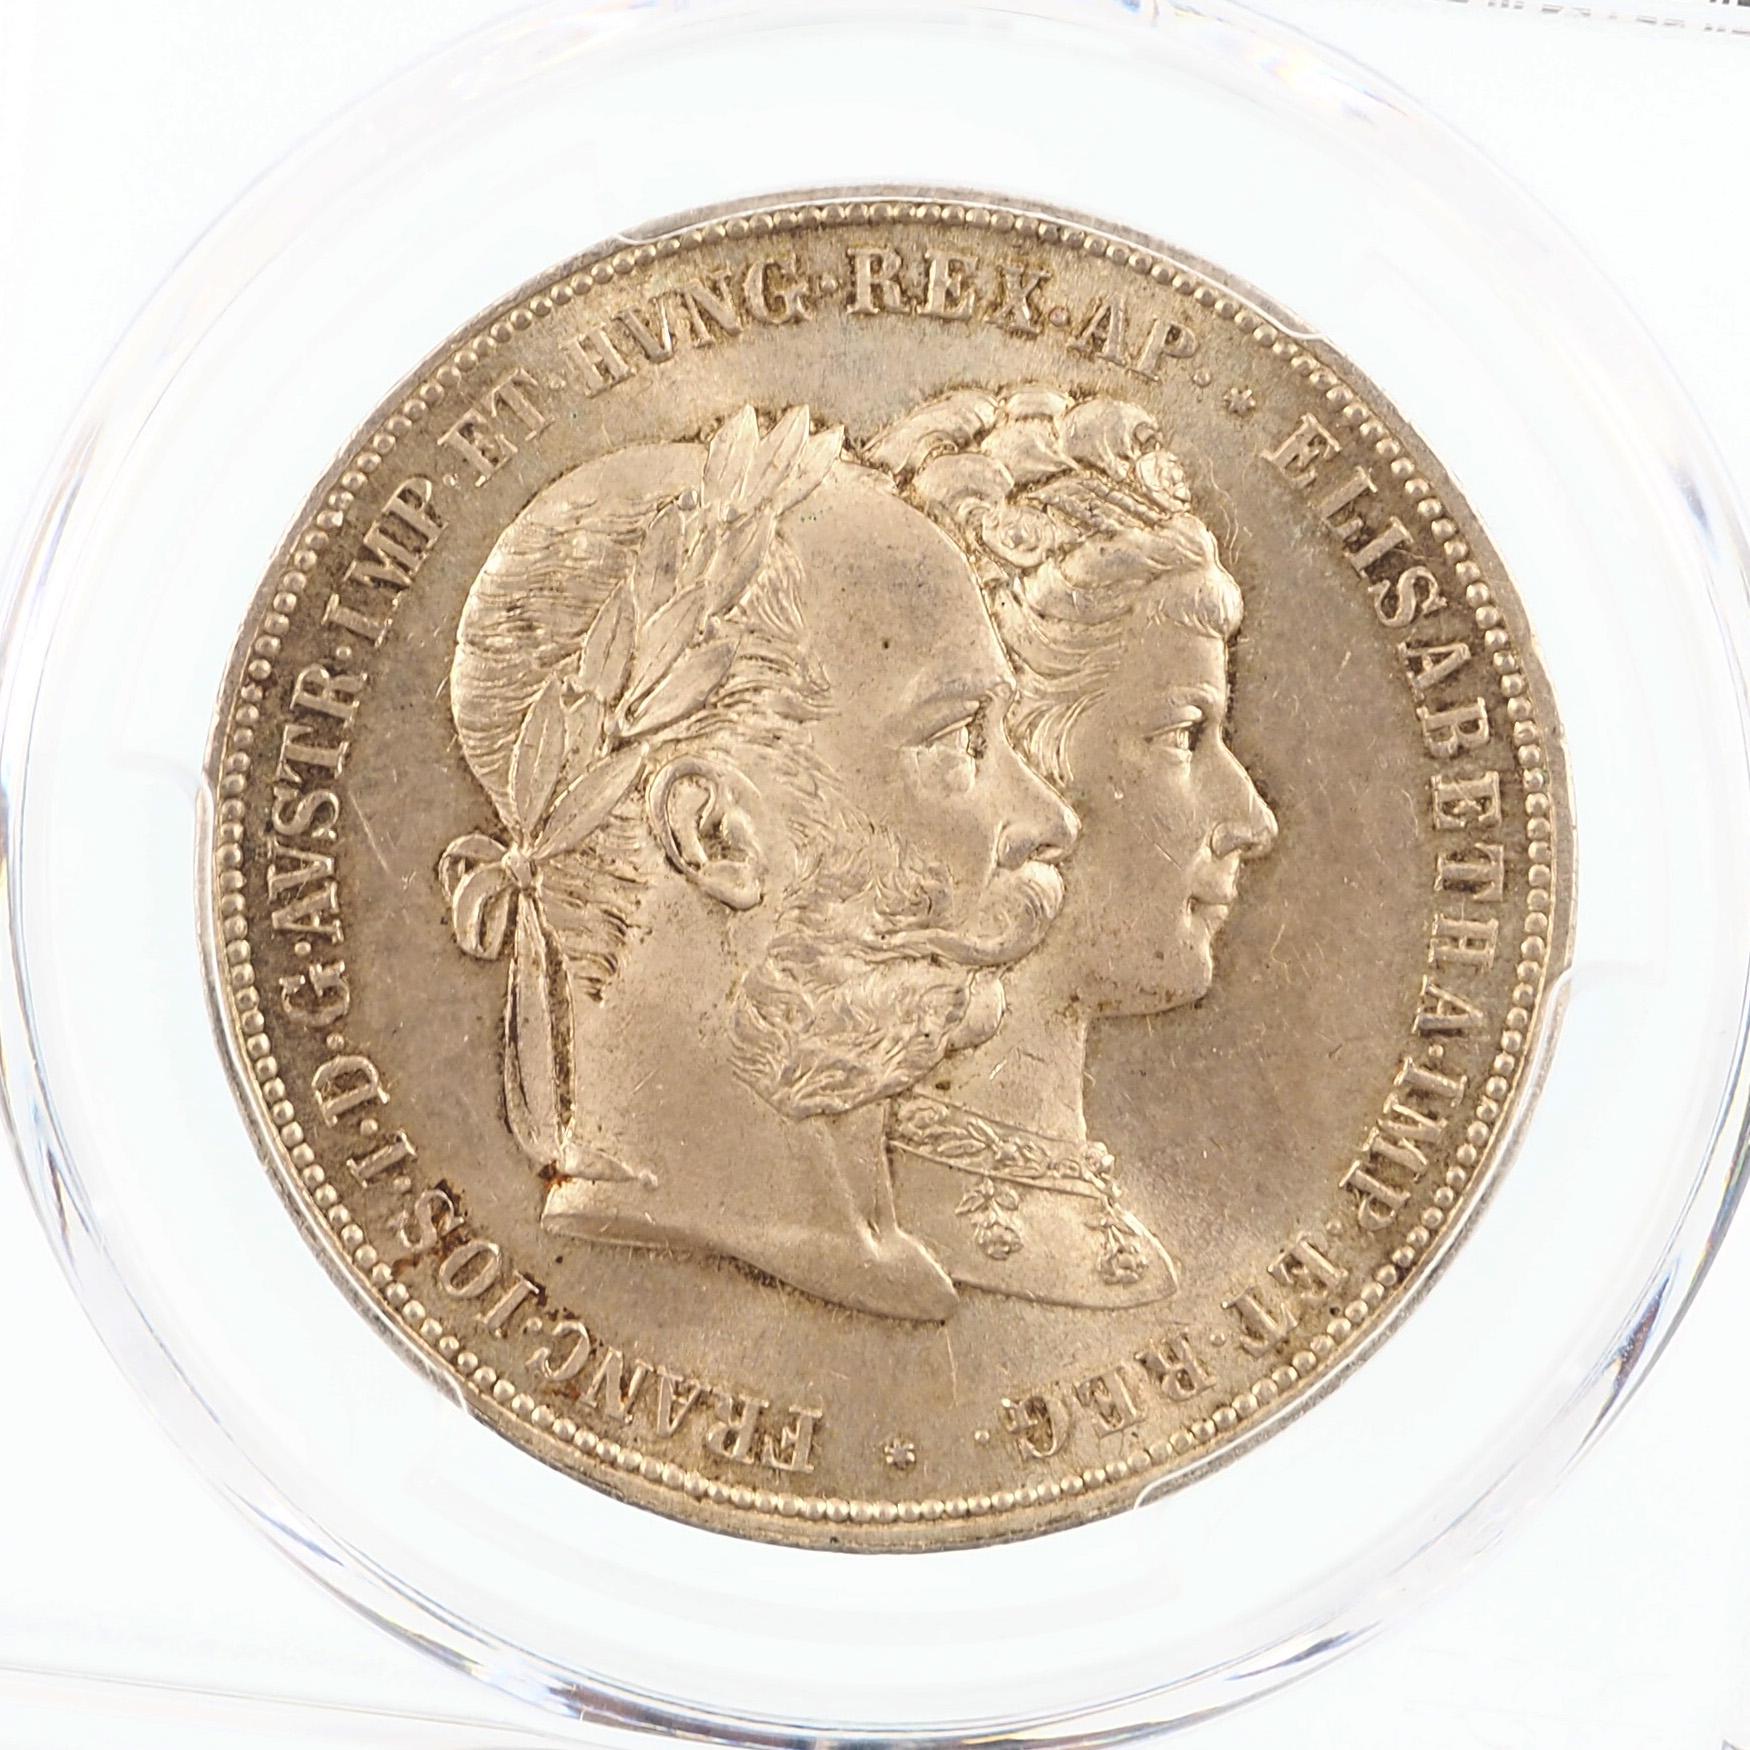 Autriche, François-Joseph I, 2 Gulden mariage, 1879, Argent, PCGS MS64, KM X# M5